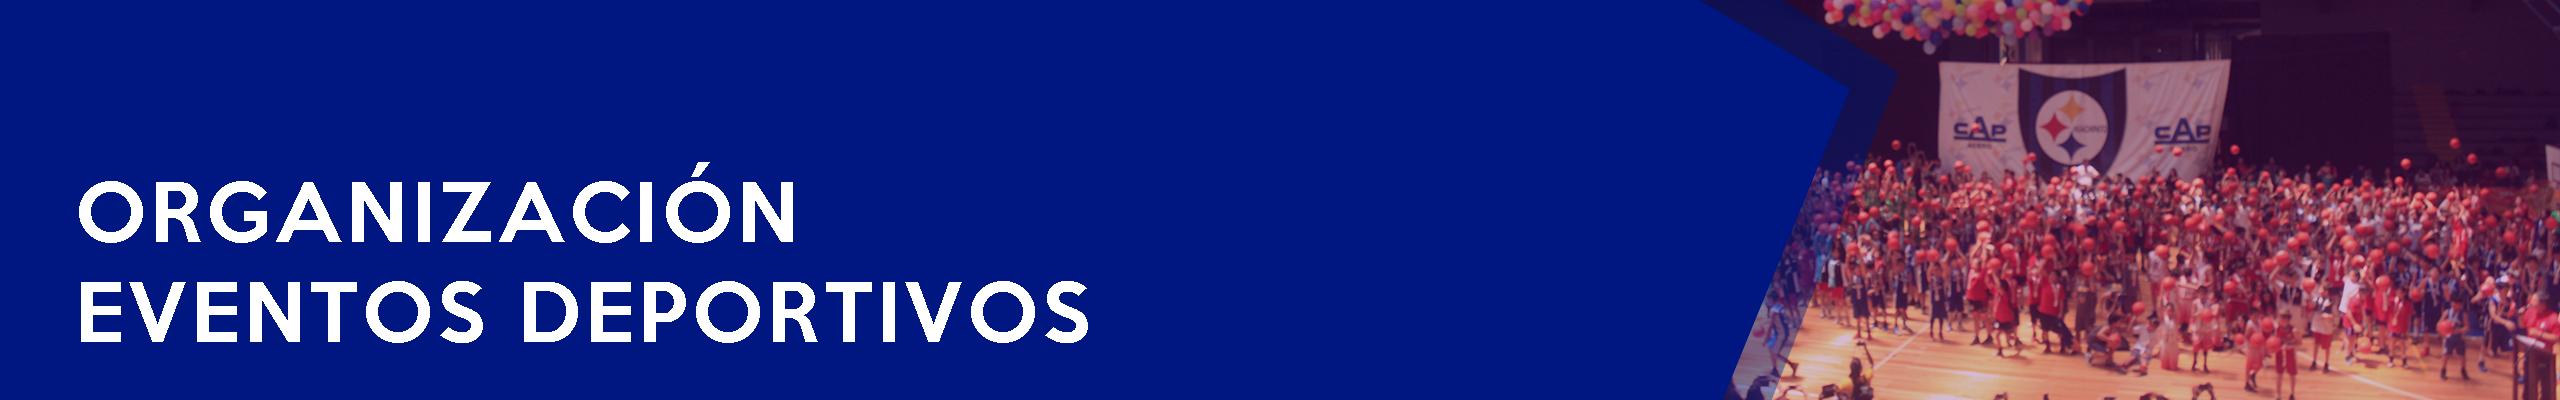 cebcera-org-eventos-deportivos